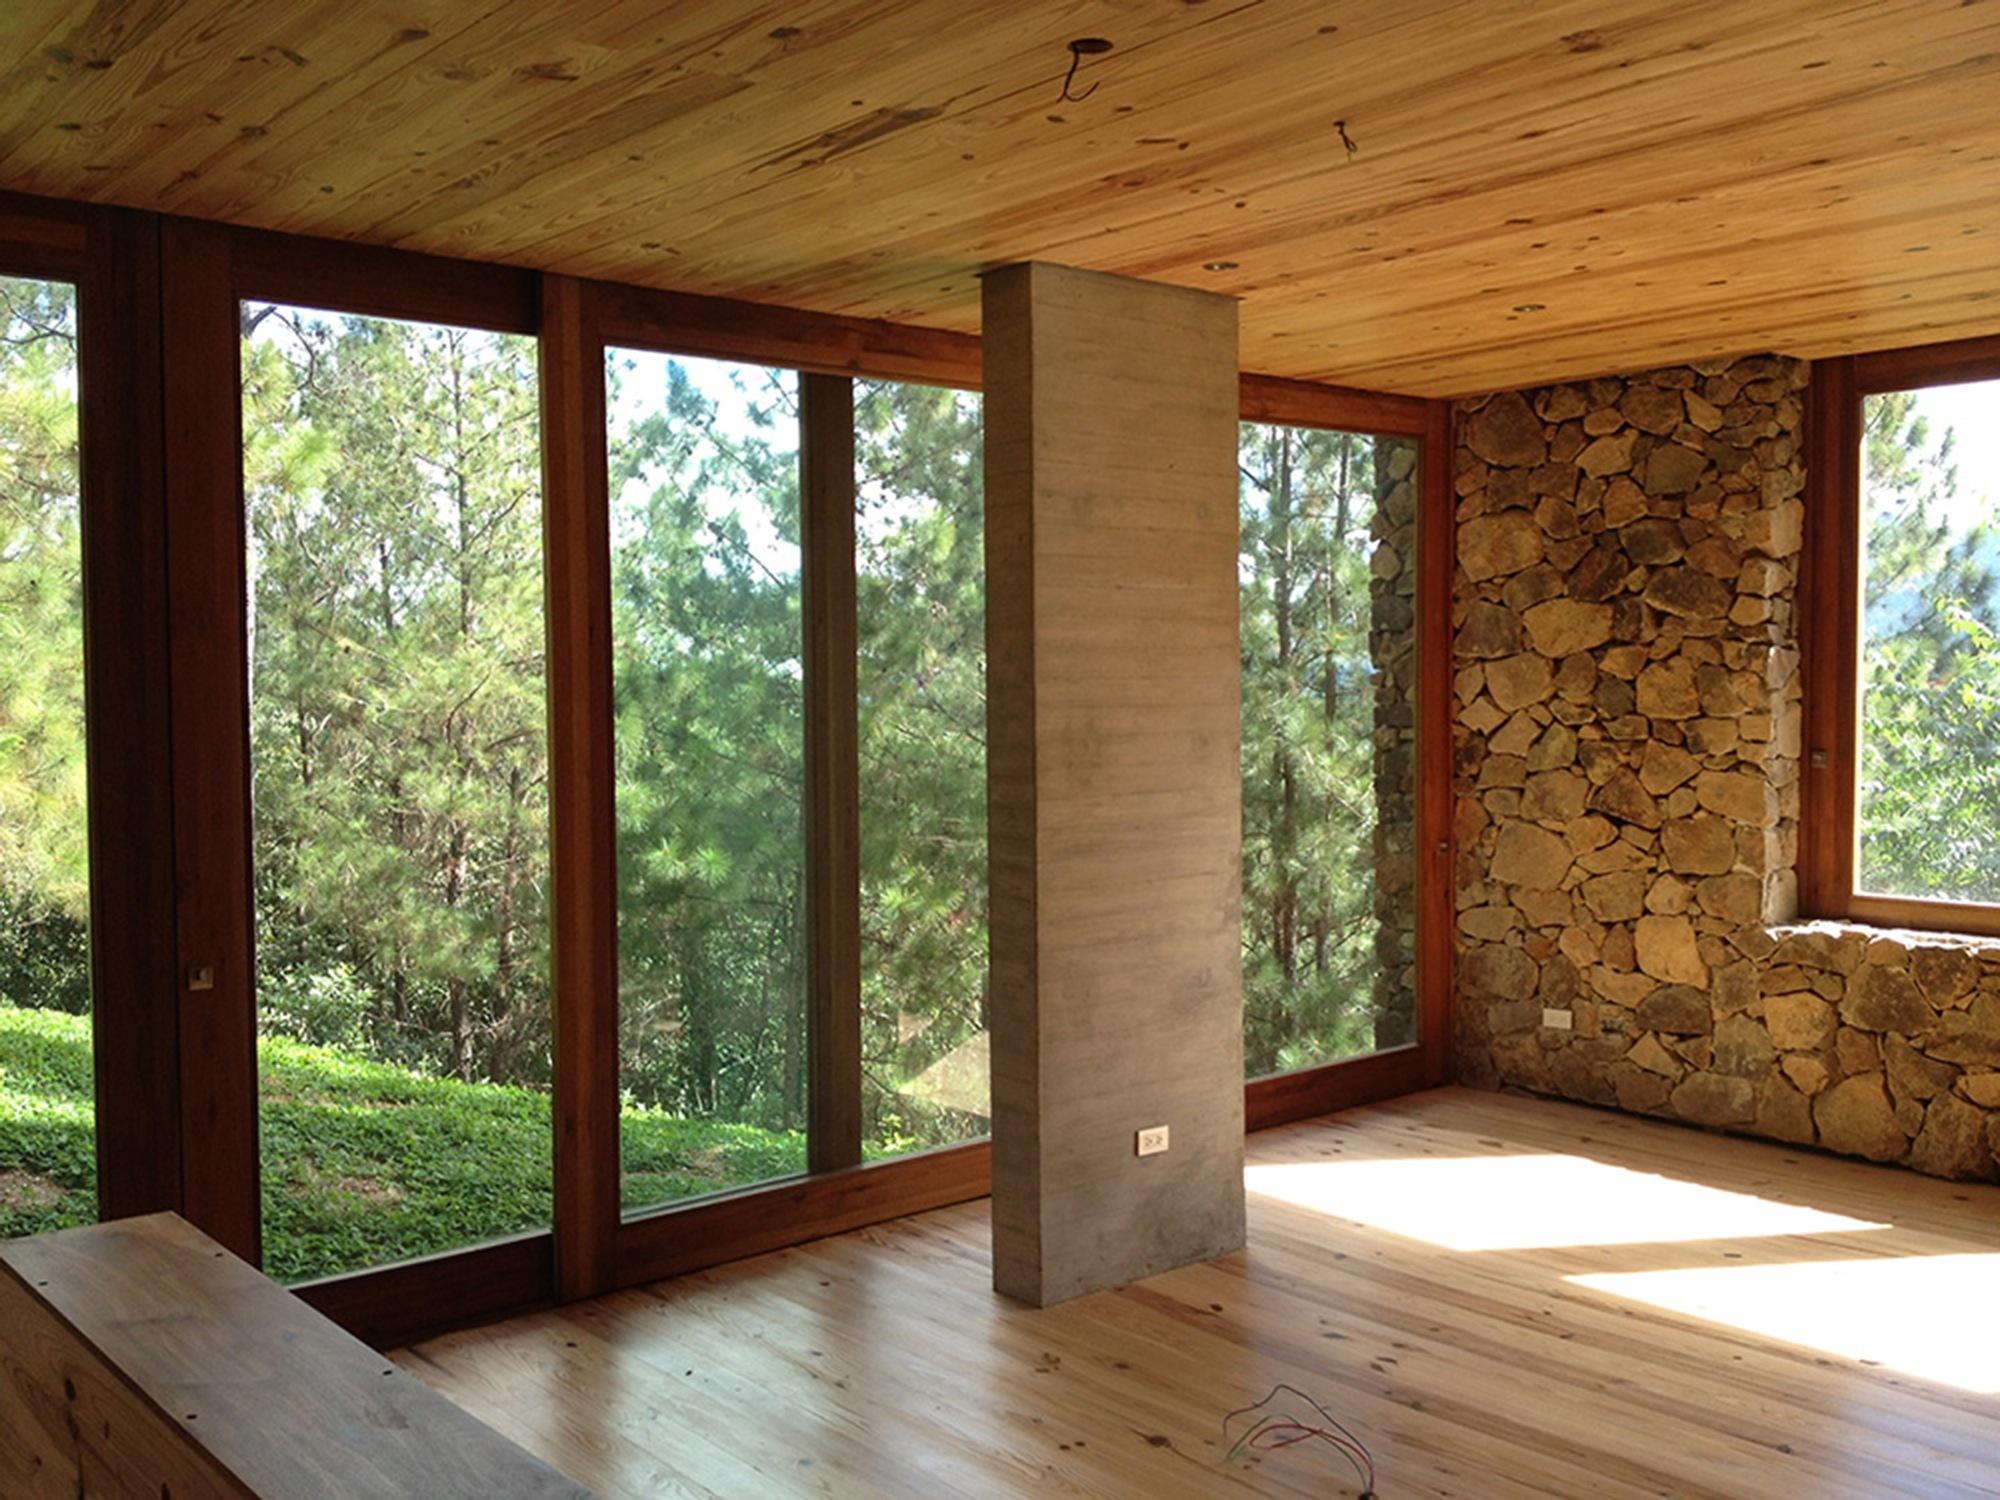 Casa in mijlocul naturii  - Casa in mijlocul naturii